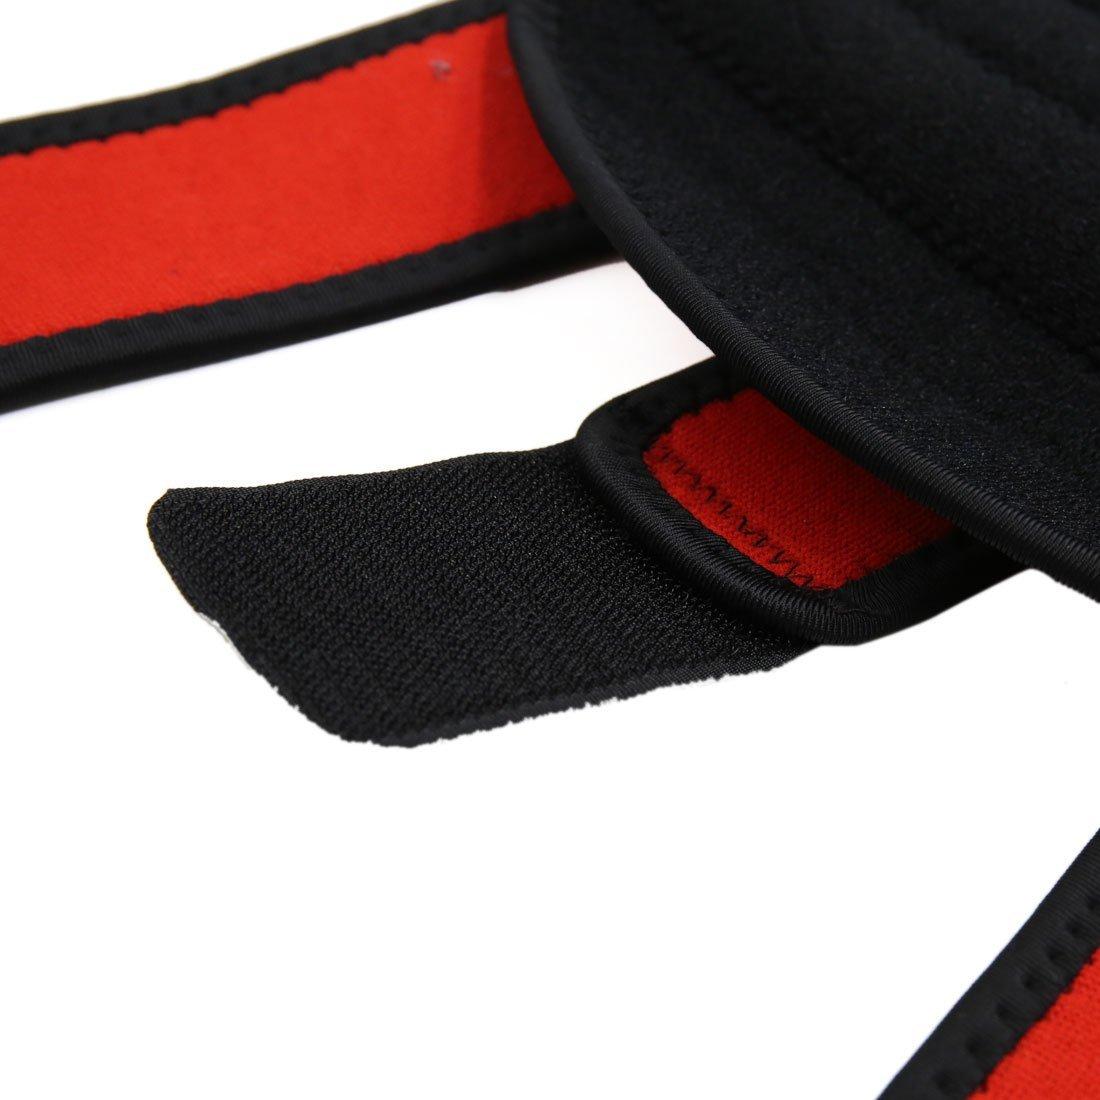 Amazon.com: Rodilla eDealMax Negro Deportes de Primavera estabilizador de la rótula apoyo de la ayuda de la Manga del Abrigo Protector: Health & Personal ...